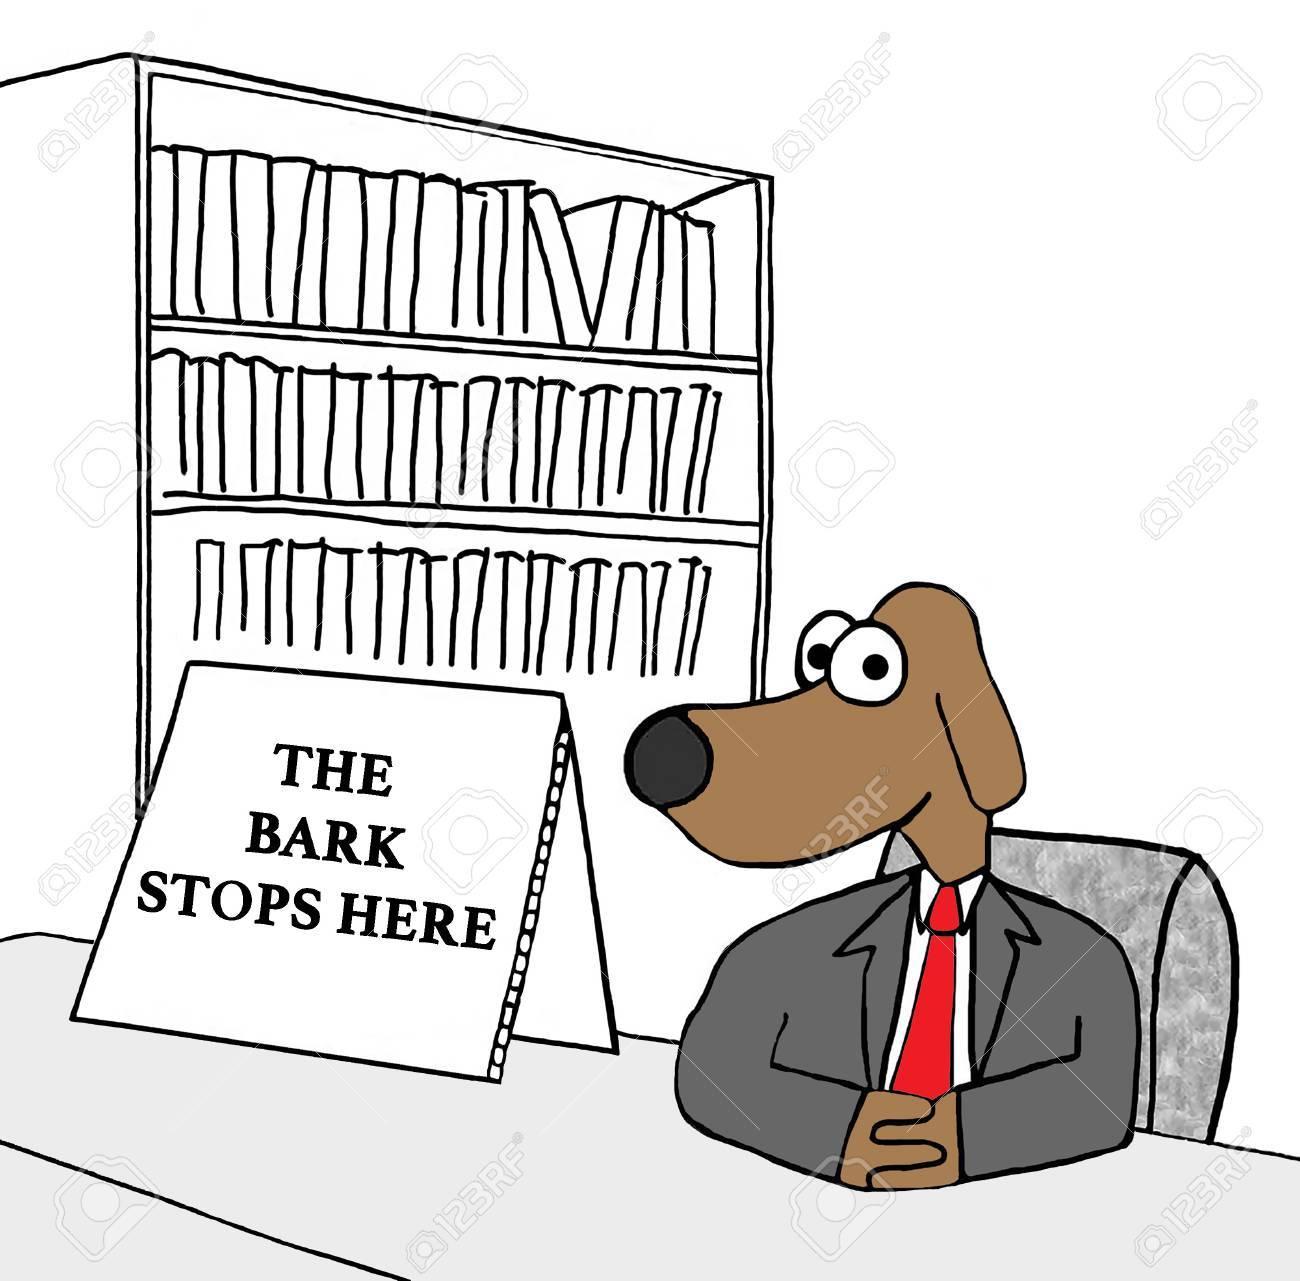 Dibujos Animados De Negocios Que Muestra Un Perro Jefe Y \'la Corteza ...